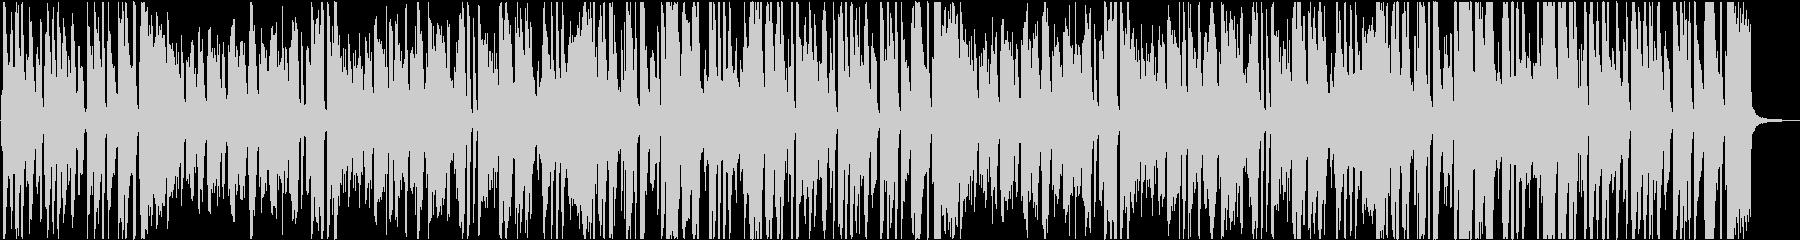 ブラスとバイブのジャズ版「ジングルベル」の未再生の波形